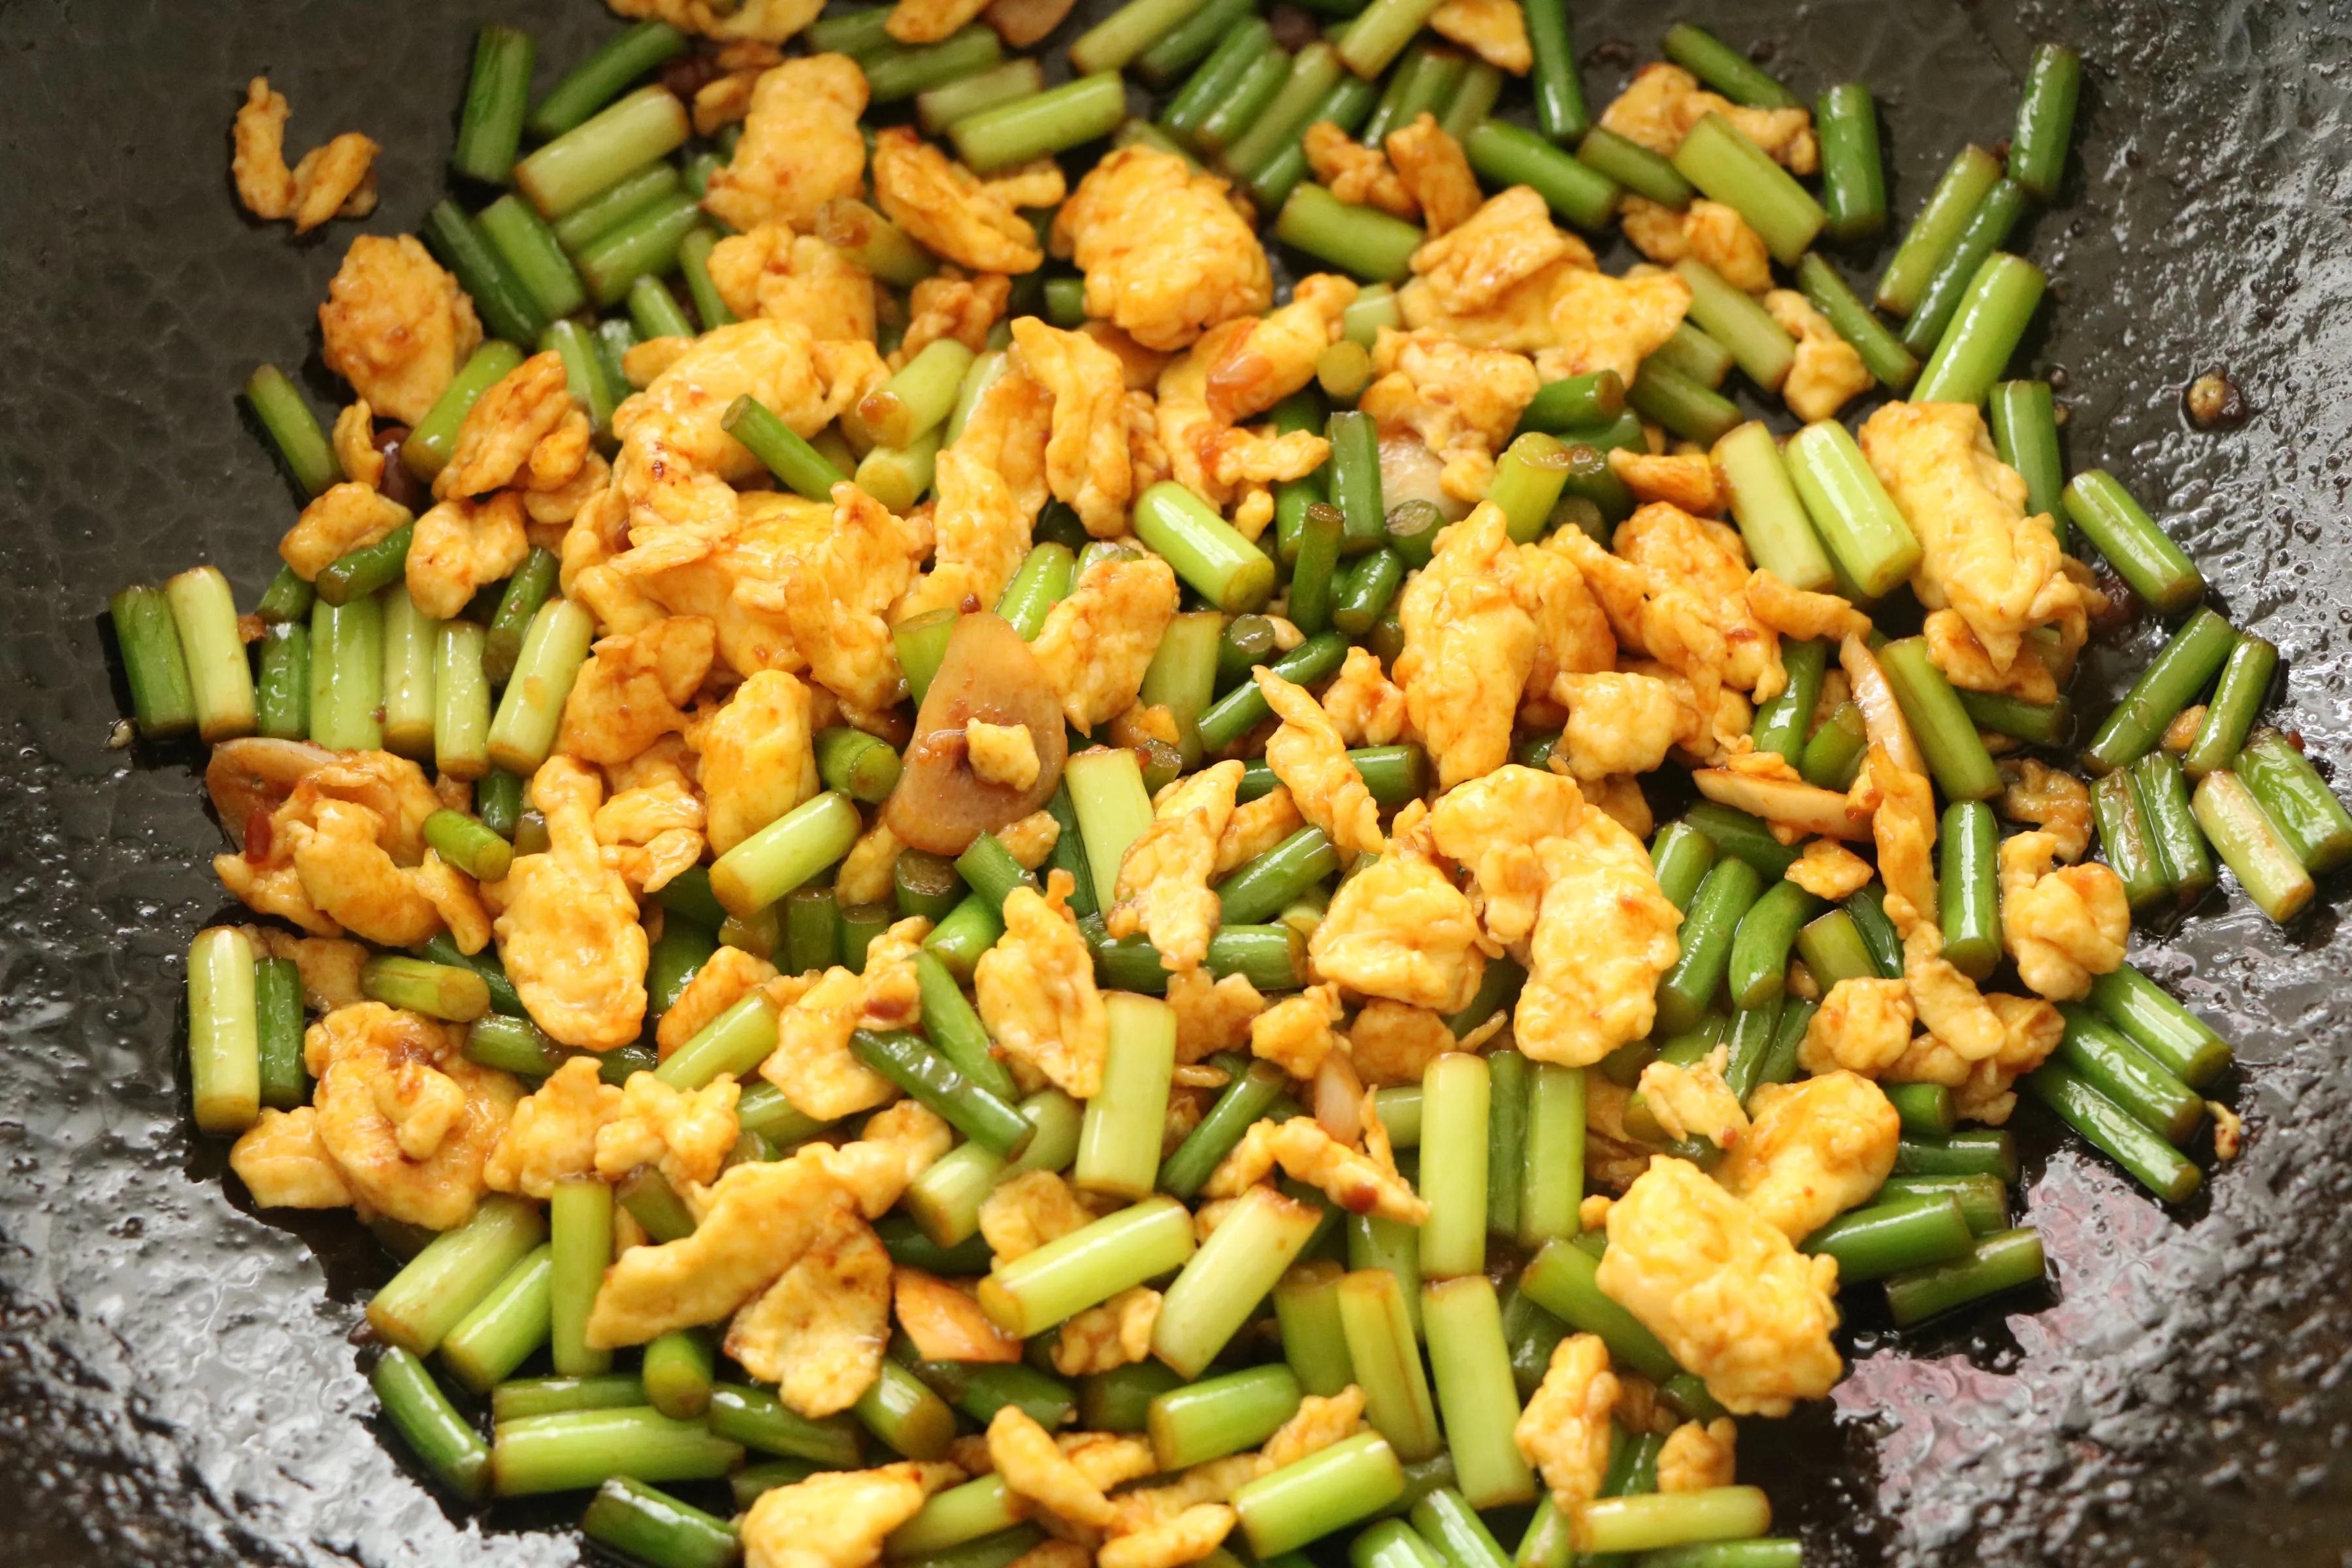 鸡蛋和蒜薹的新吃法,酱香美味,鲜嫩好吃,特下饭!一定要试试 美食做法 第11张